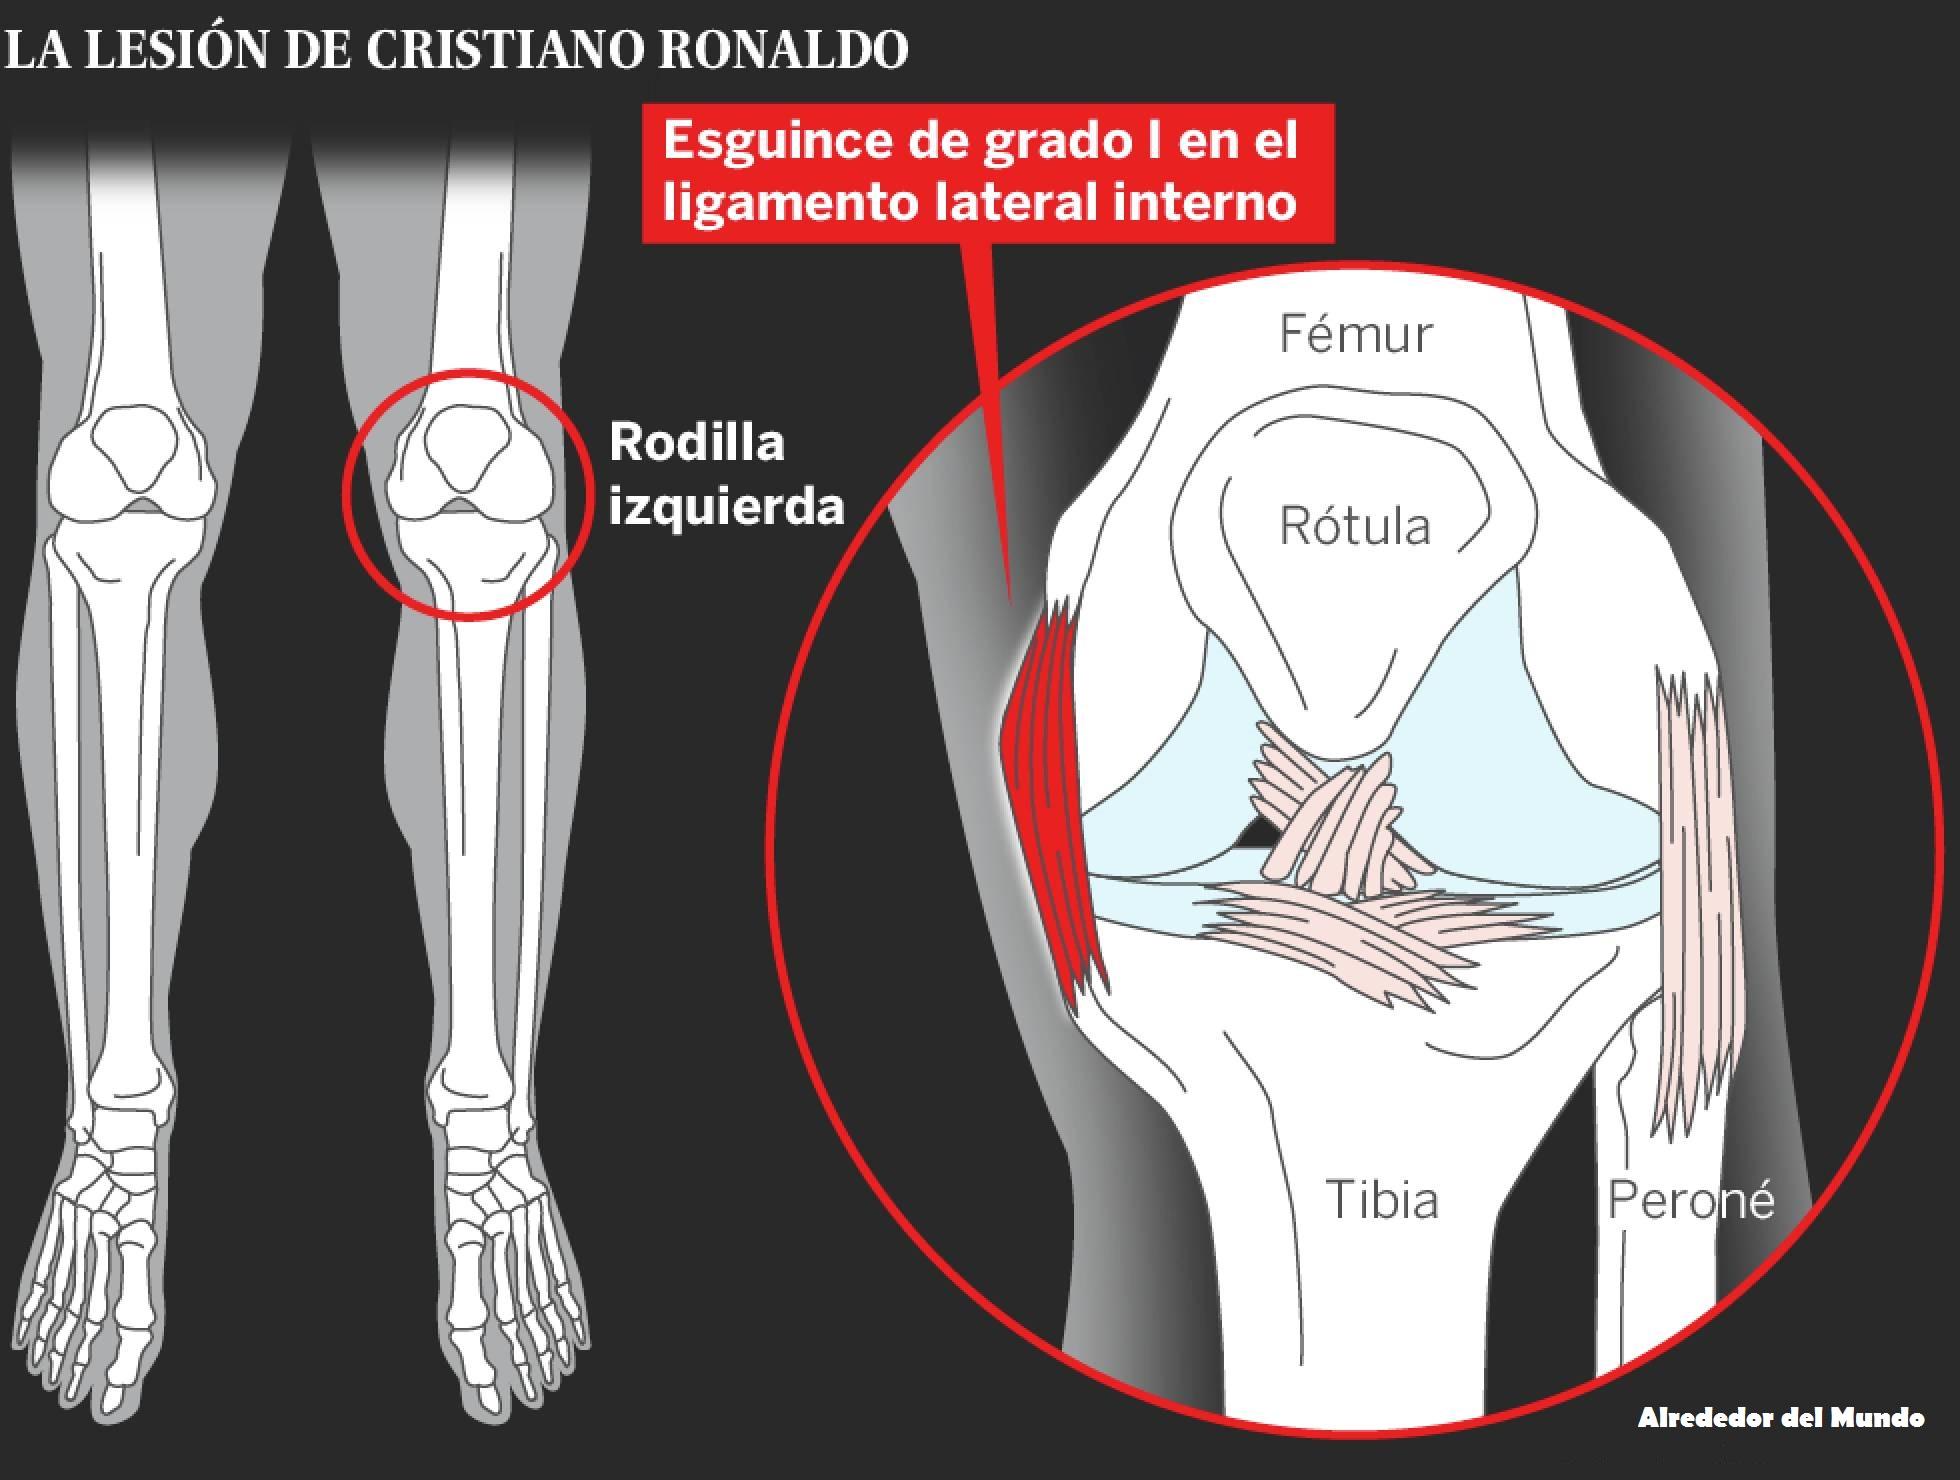 La lesión de Cristiano Ronaldo en partido final Francia Y portugal 2016